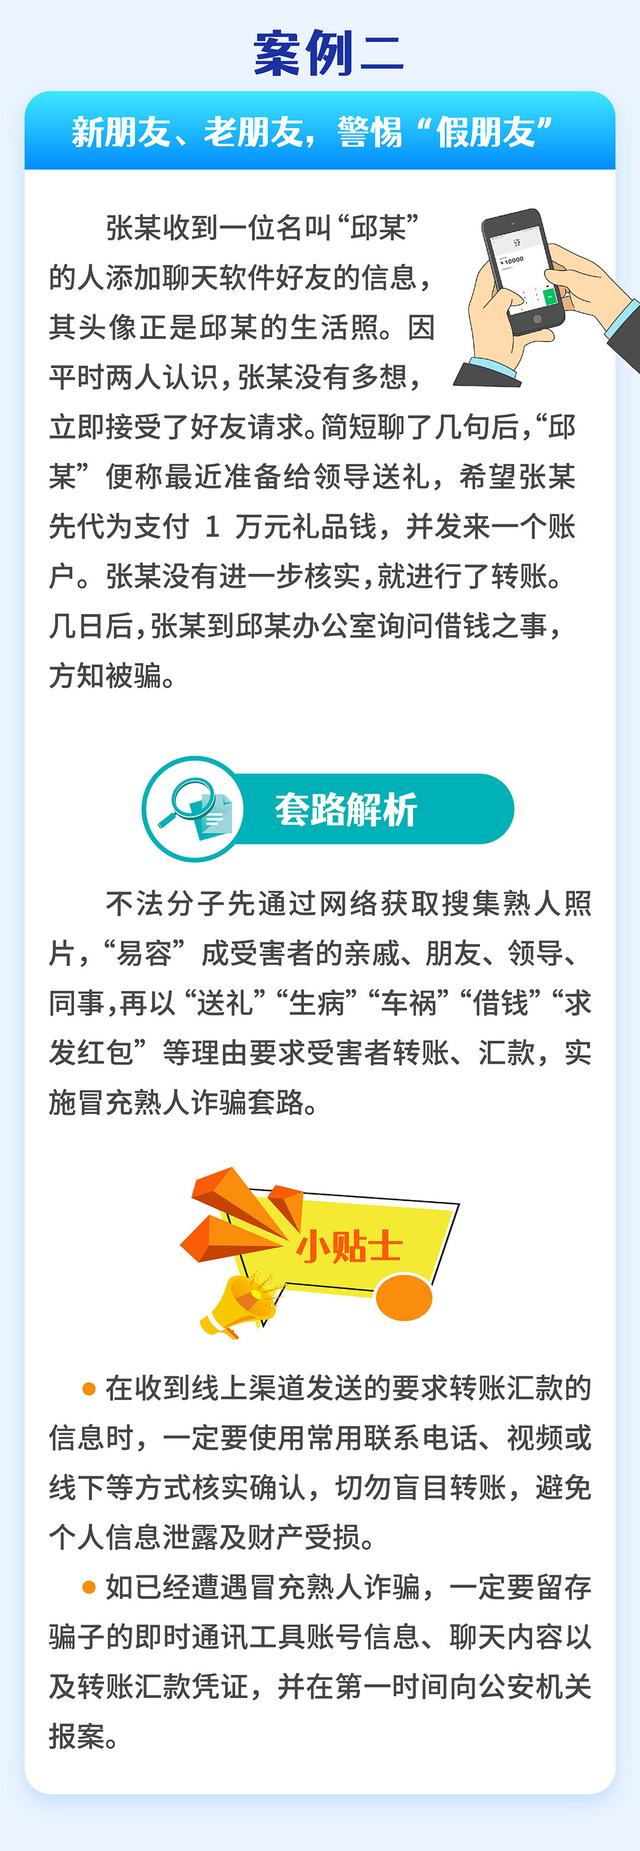 """守住""""钱袋子""""之――防范电信网络诈骗"""